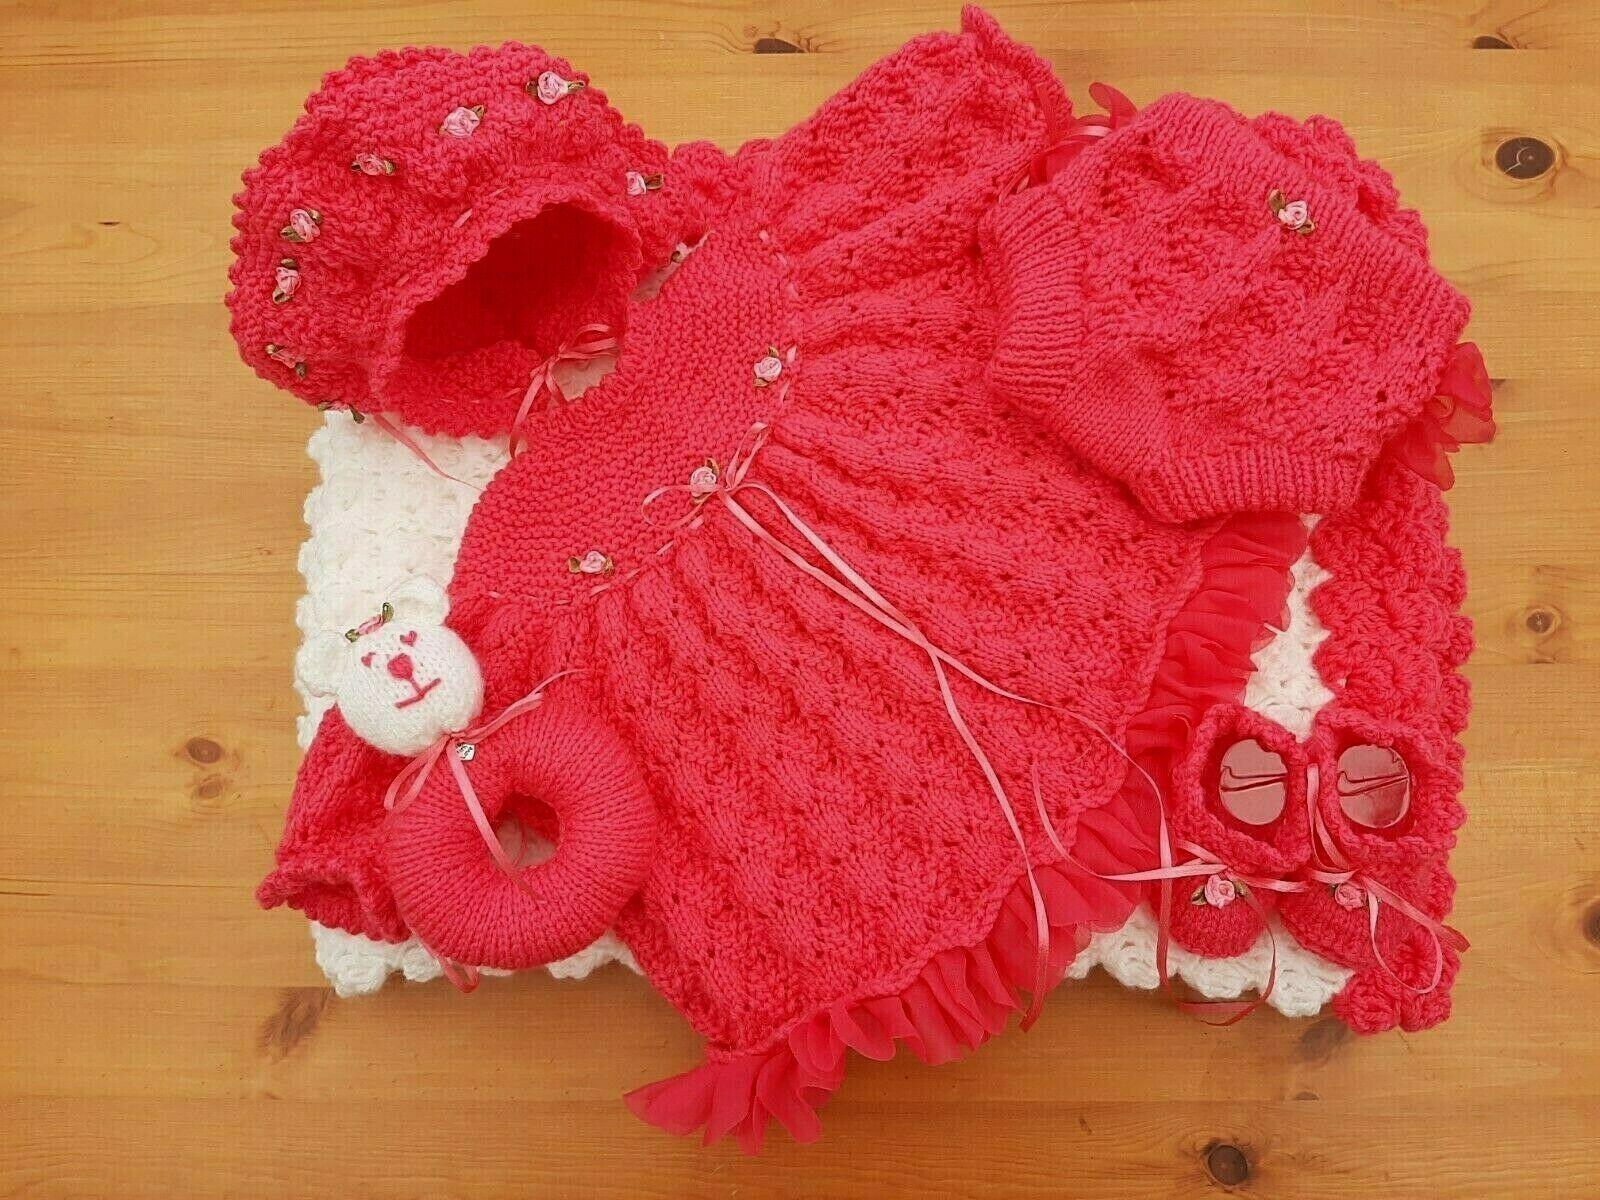 I  neonato  BIMBA BELLISSIMA  Ragazza Layette  Reborn bambola  He Knitted vestiti Set   l'intera rete più bassa